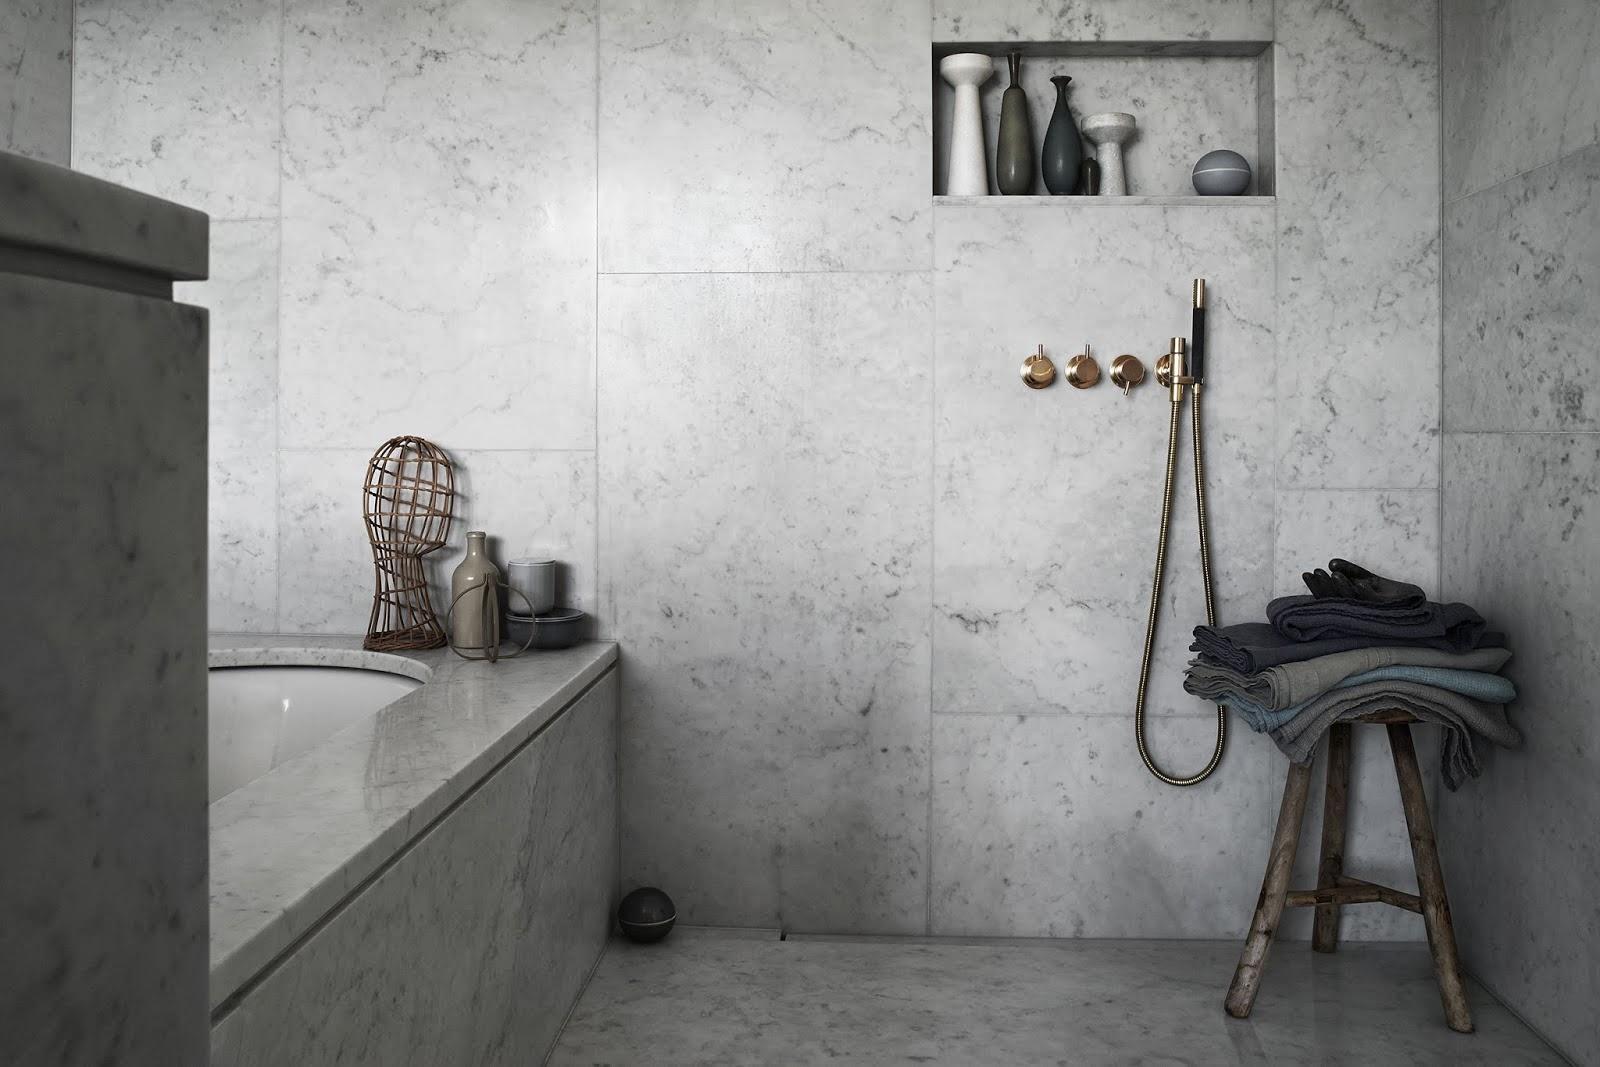 Hitta inspiration badrum i marmor från golv till tak på roomly.,se